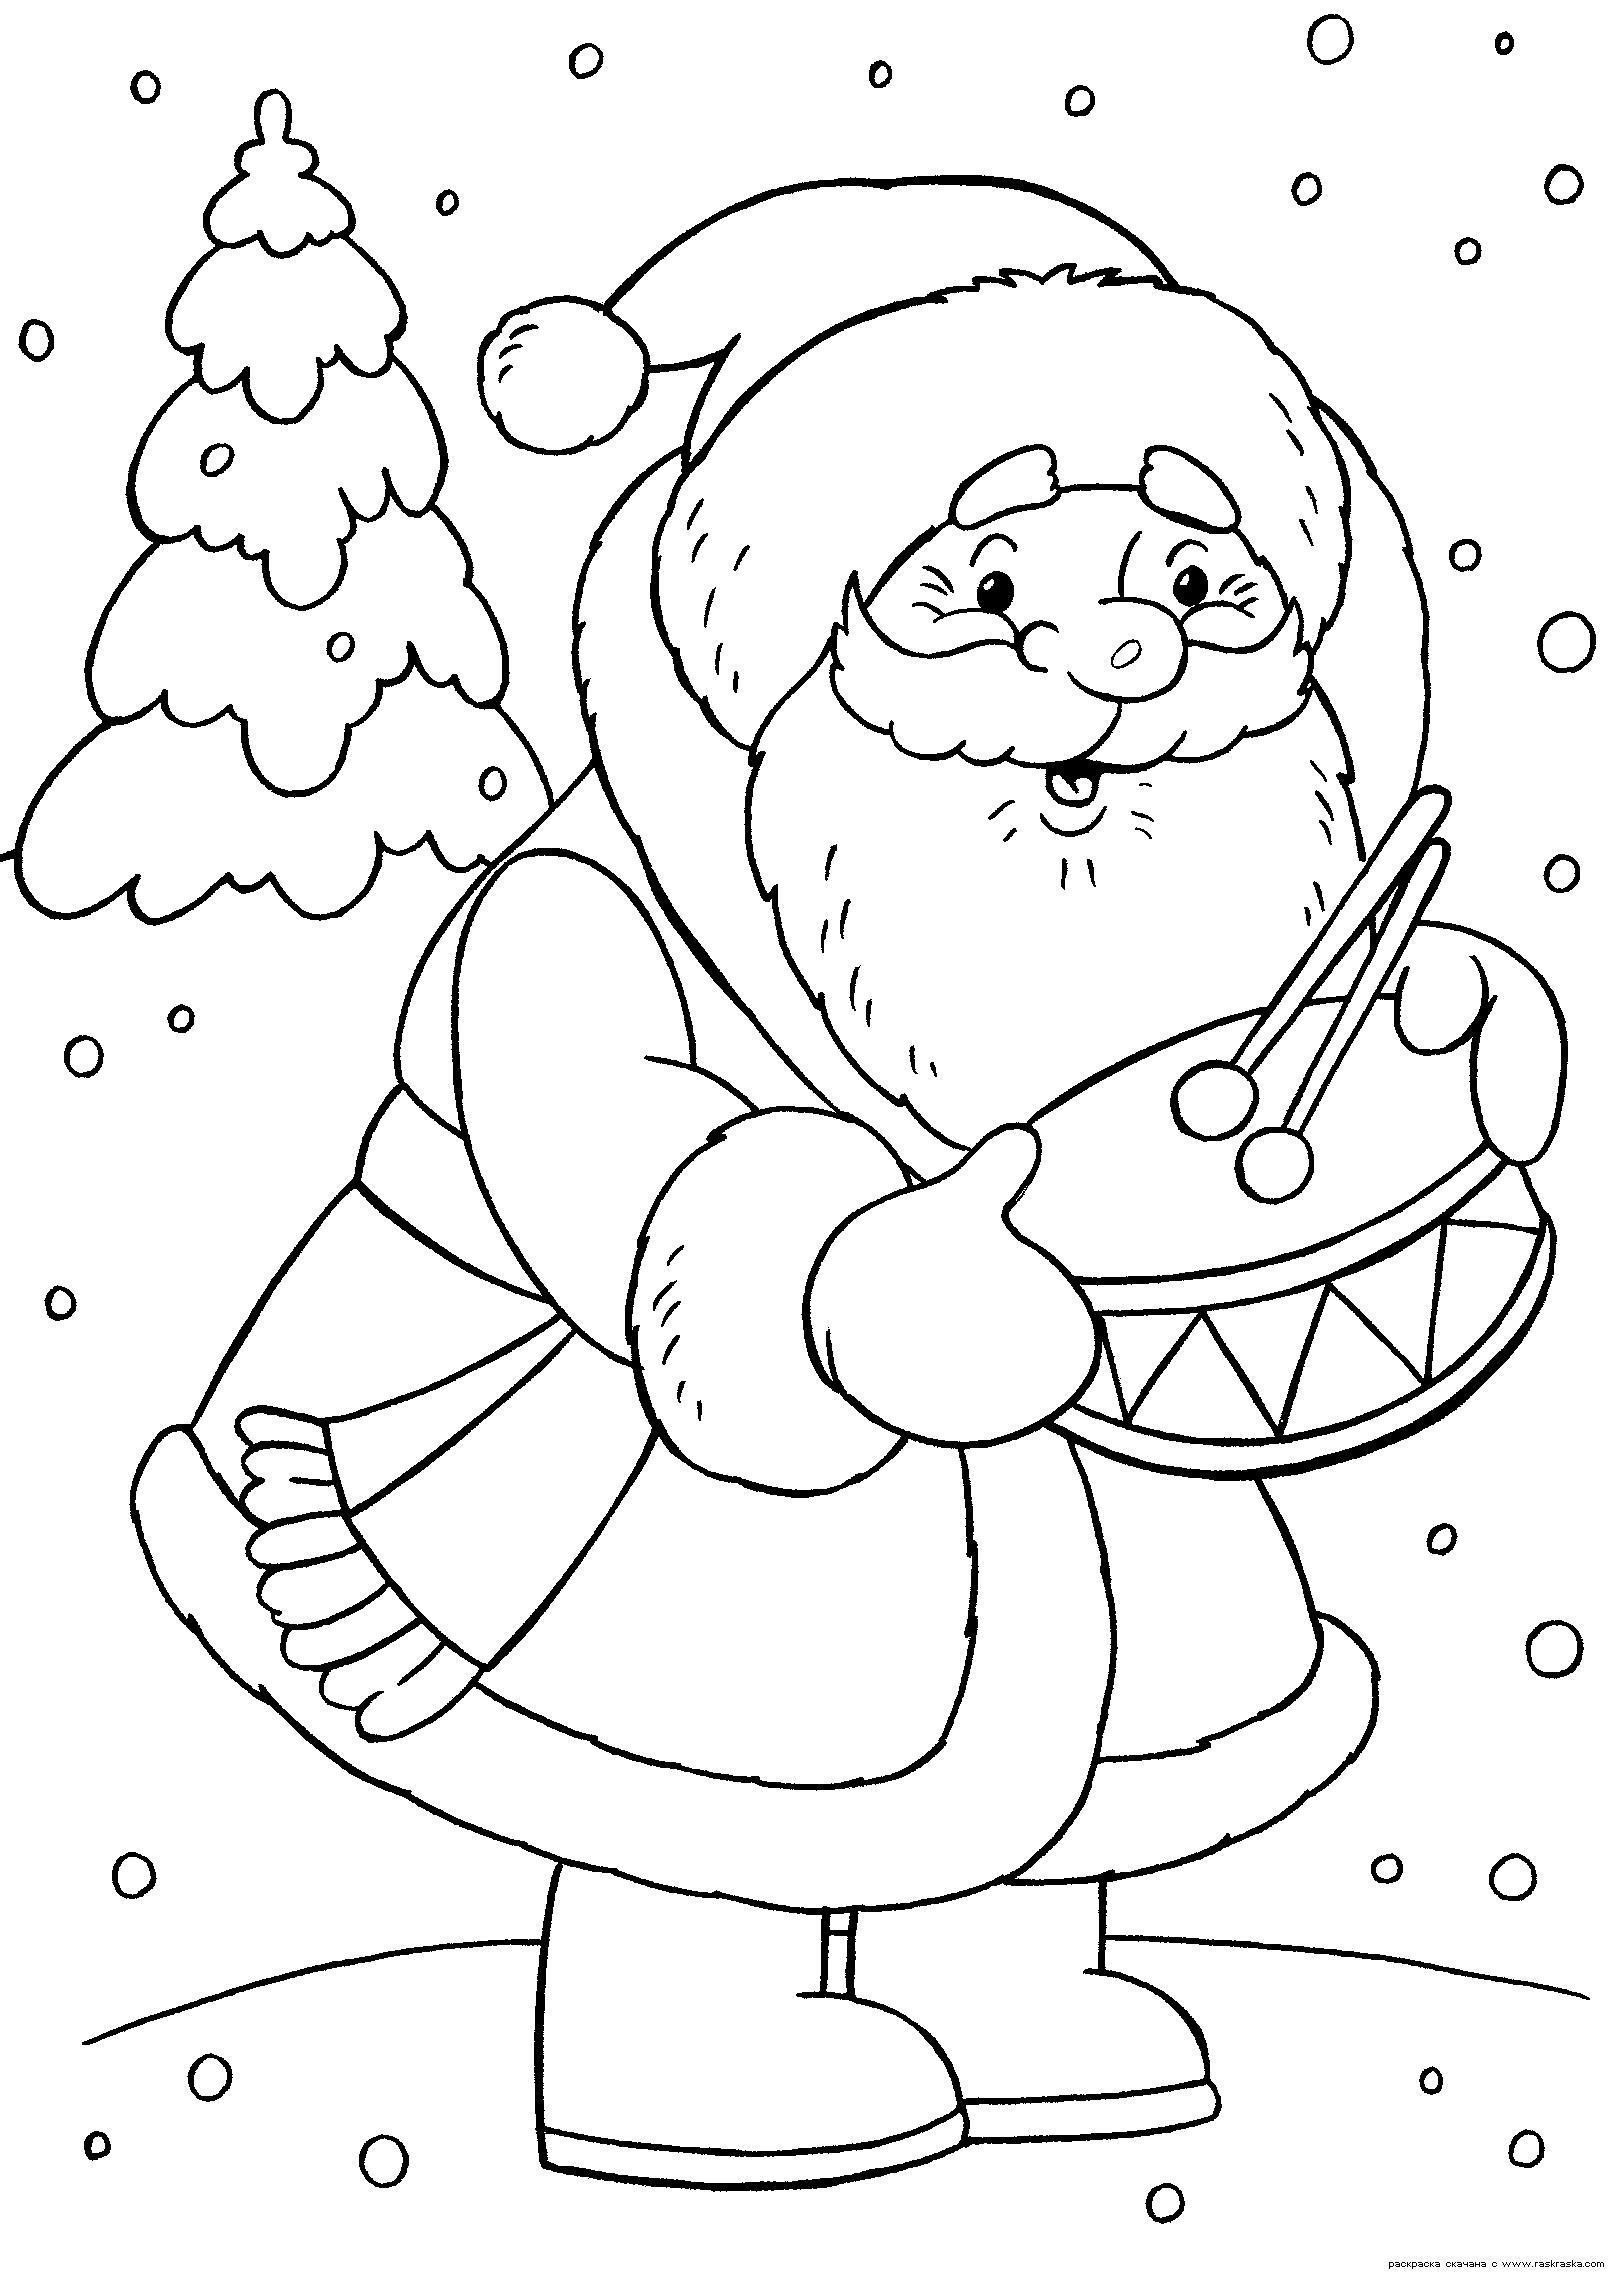 Новый год, дед мороз с барабаном Раскраски на тему зима